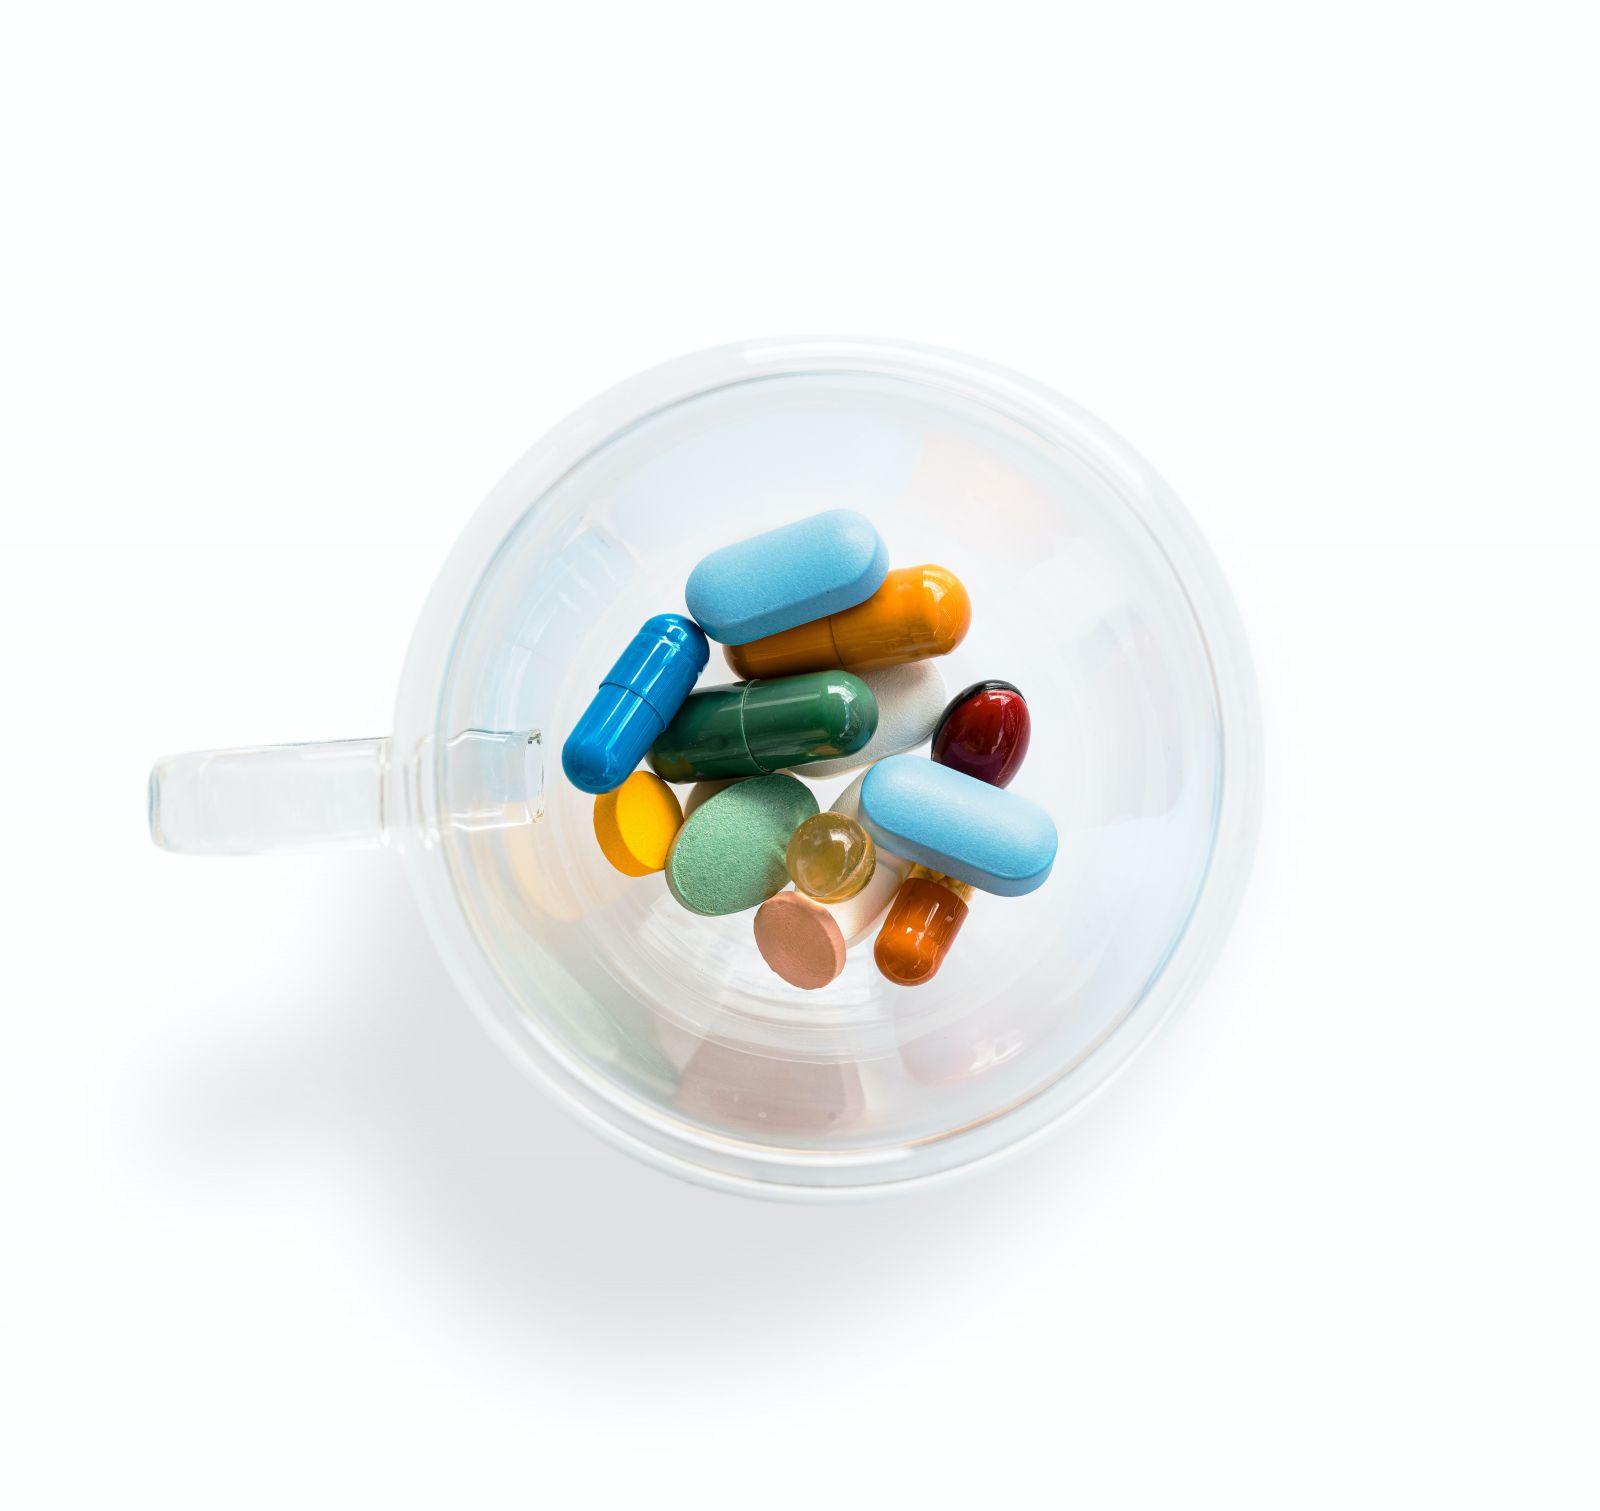 Nemôžeš užívať hormonálnu antikoncepciu s estrogénom? Gestagénová hormonálna antikoncepcia je možno riešením aj pre teba